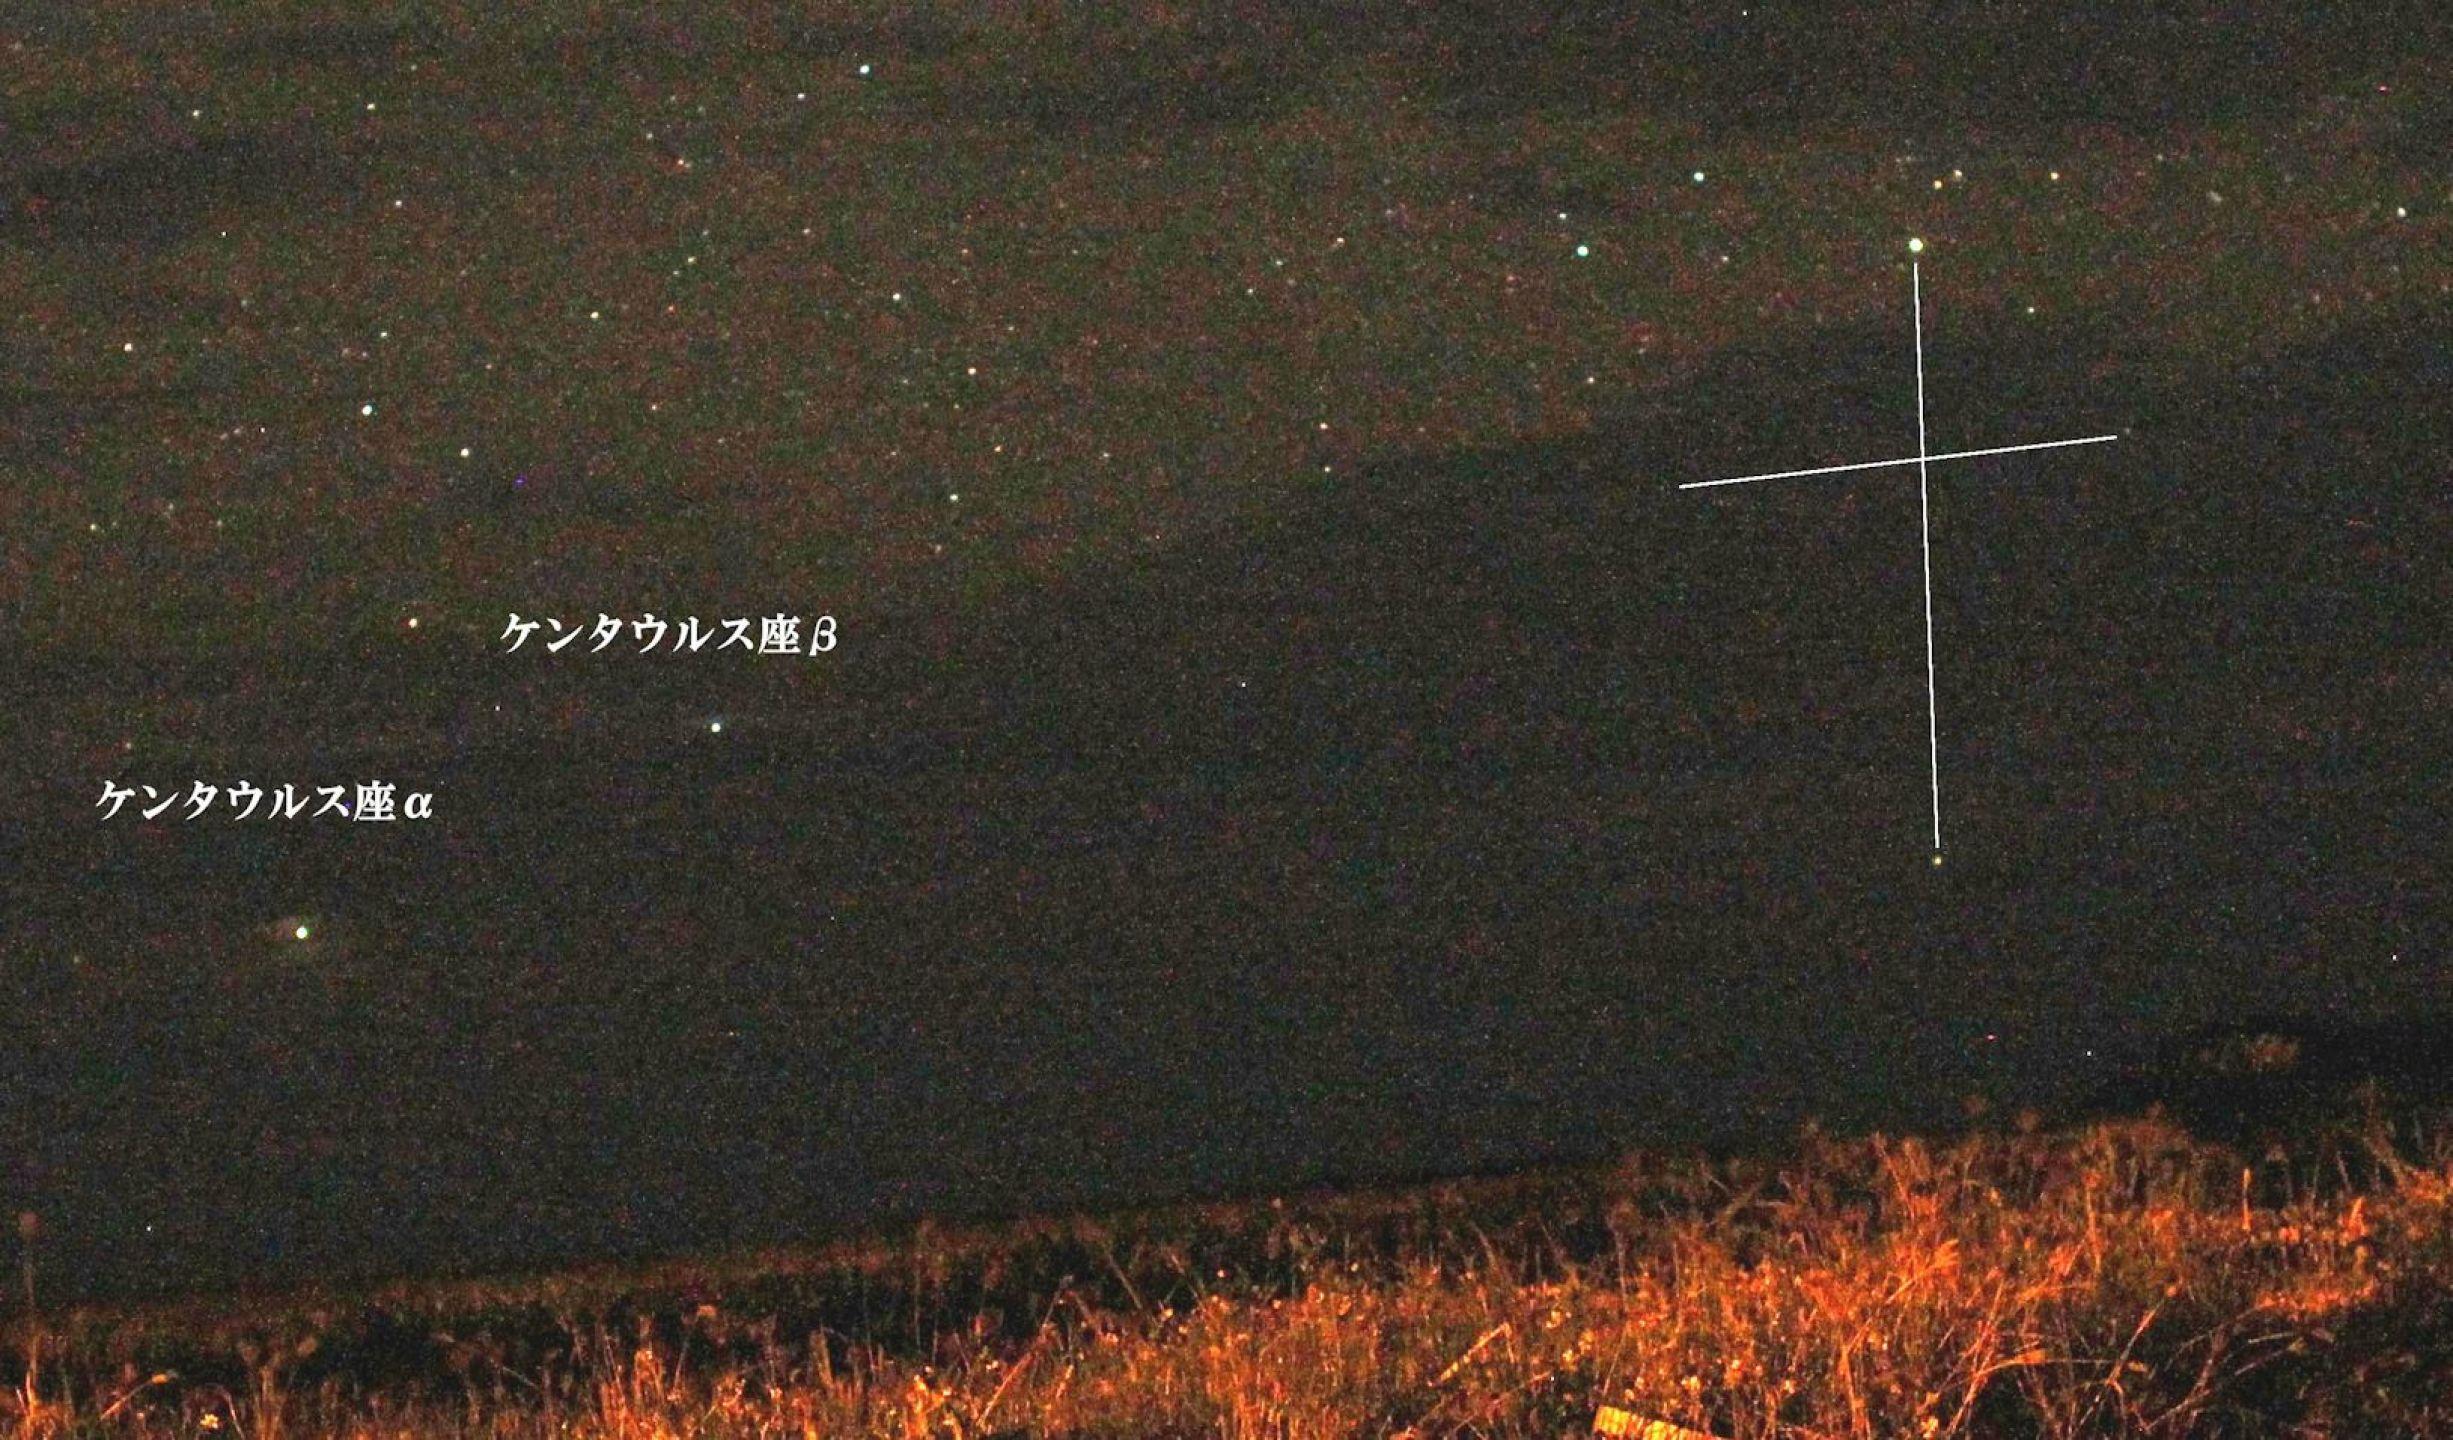 ケンタウルス座ガンマ星